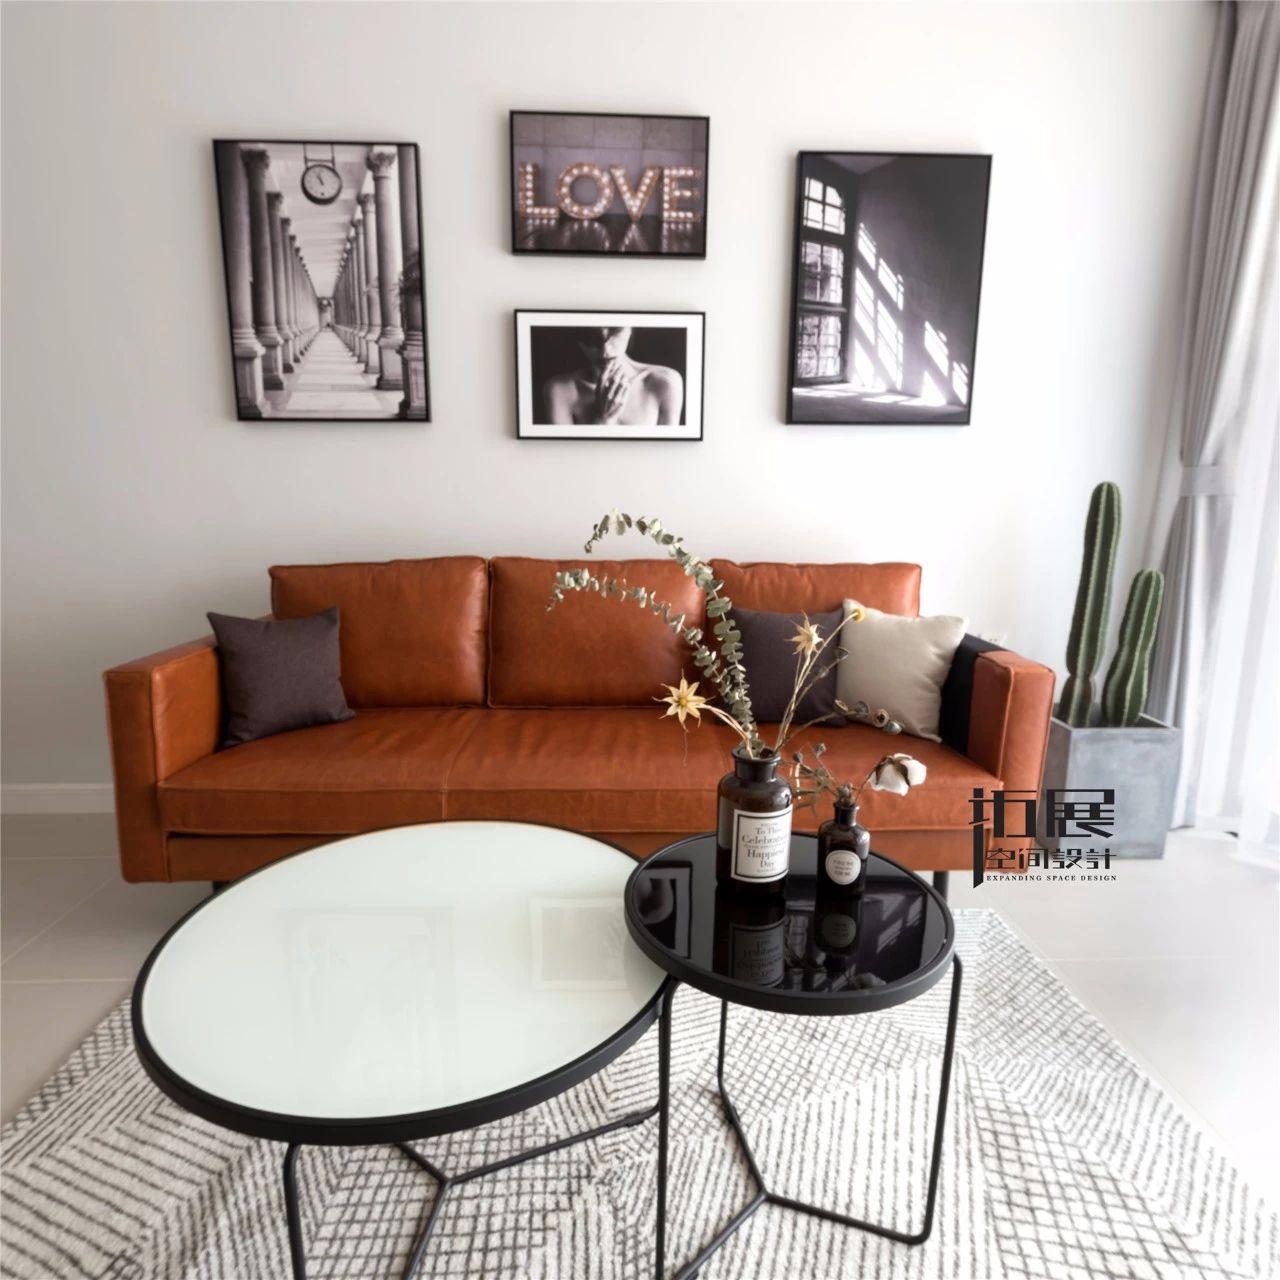 小户型北欧风格装修沙发背景墙设计效果图